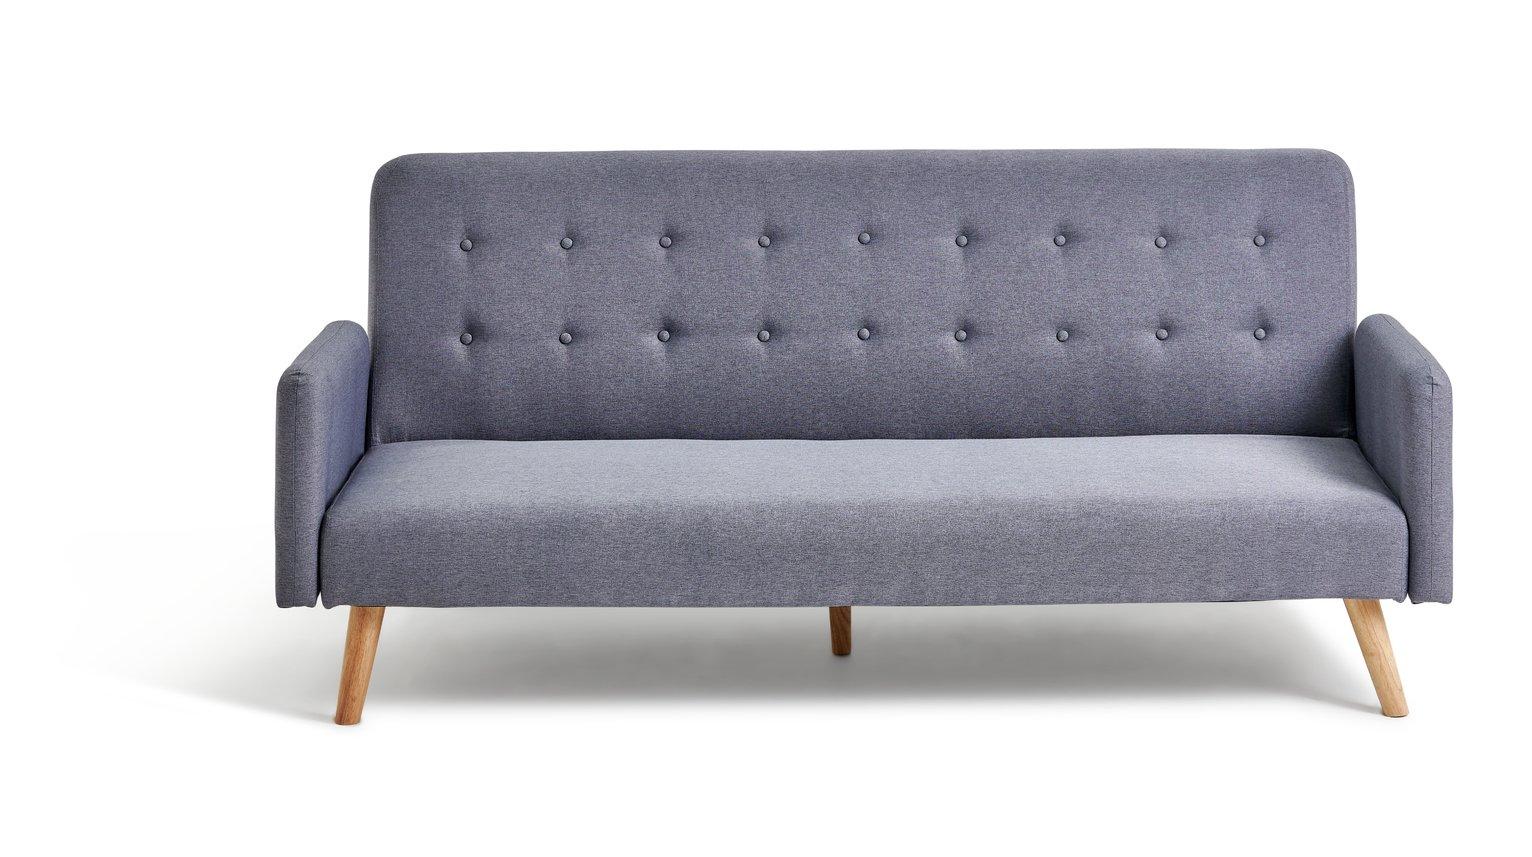 Hygena Marseille Clic Clac Sofa Bed   Grey